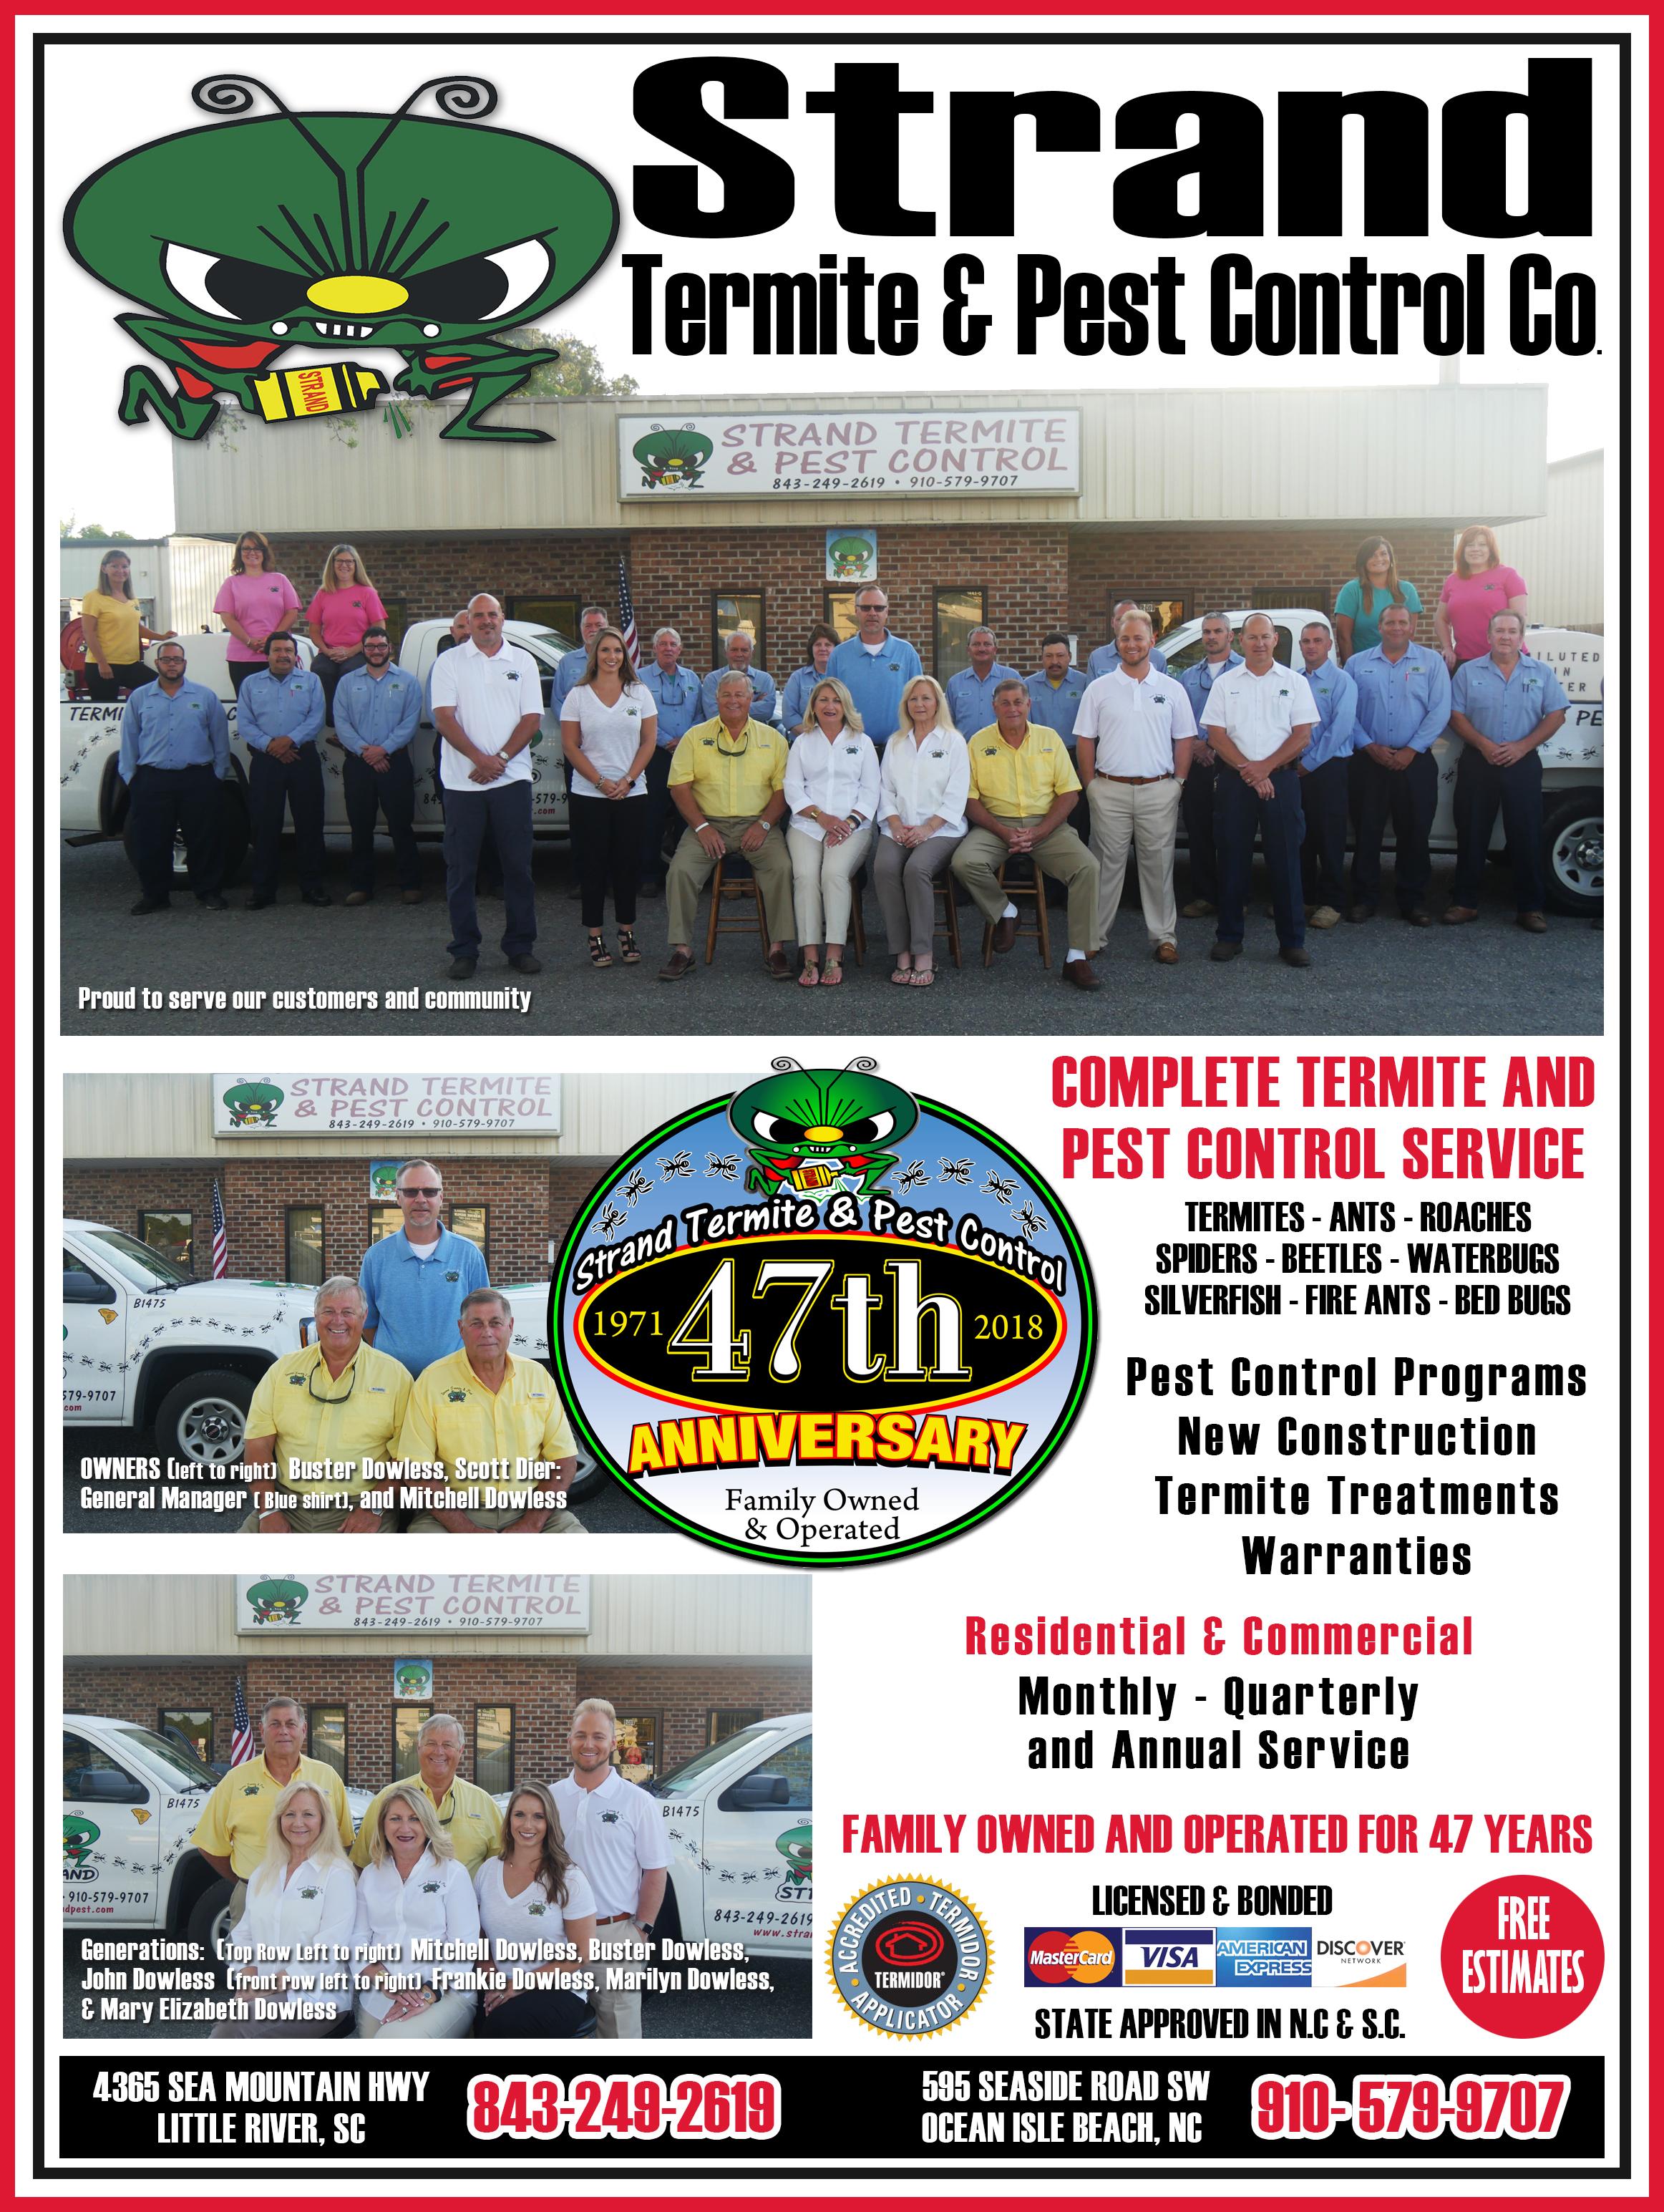 Strand Termite control